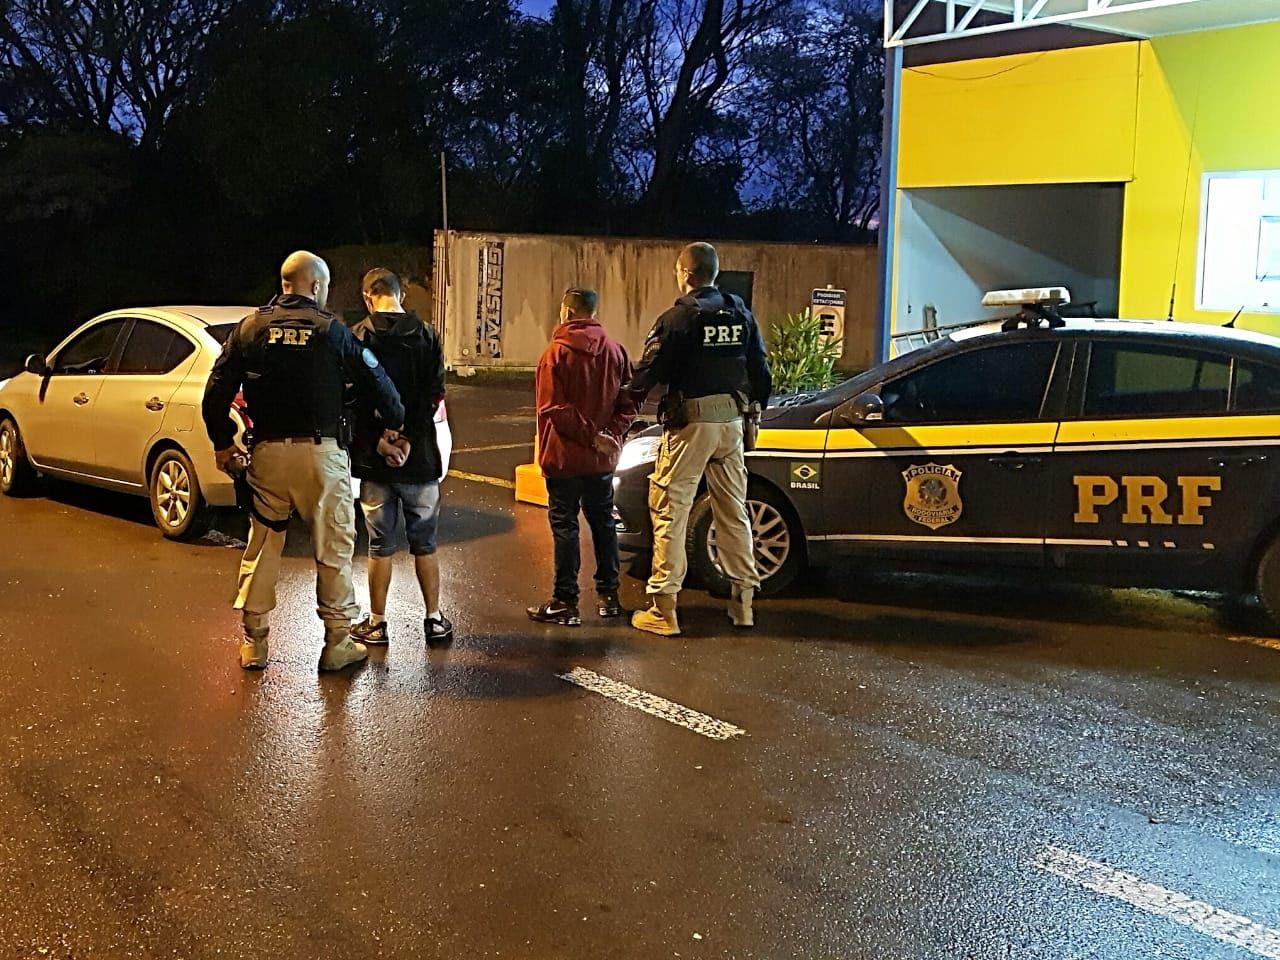 Manobra Brusca! Quando PRF vai verificar encontra veículo CLONADO, motorista usava carro para APLICATIVO e passageiro também teve problemas policiais.